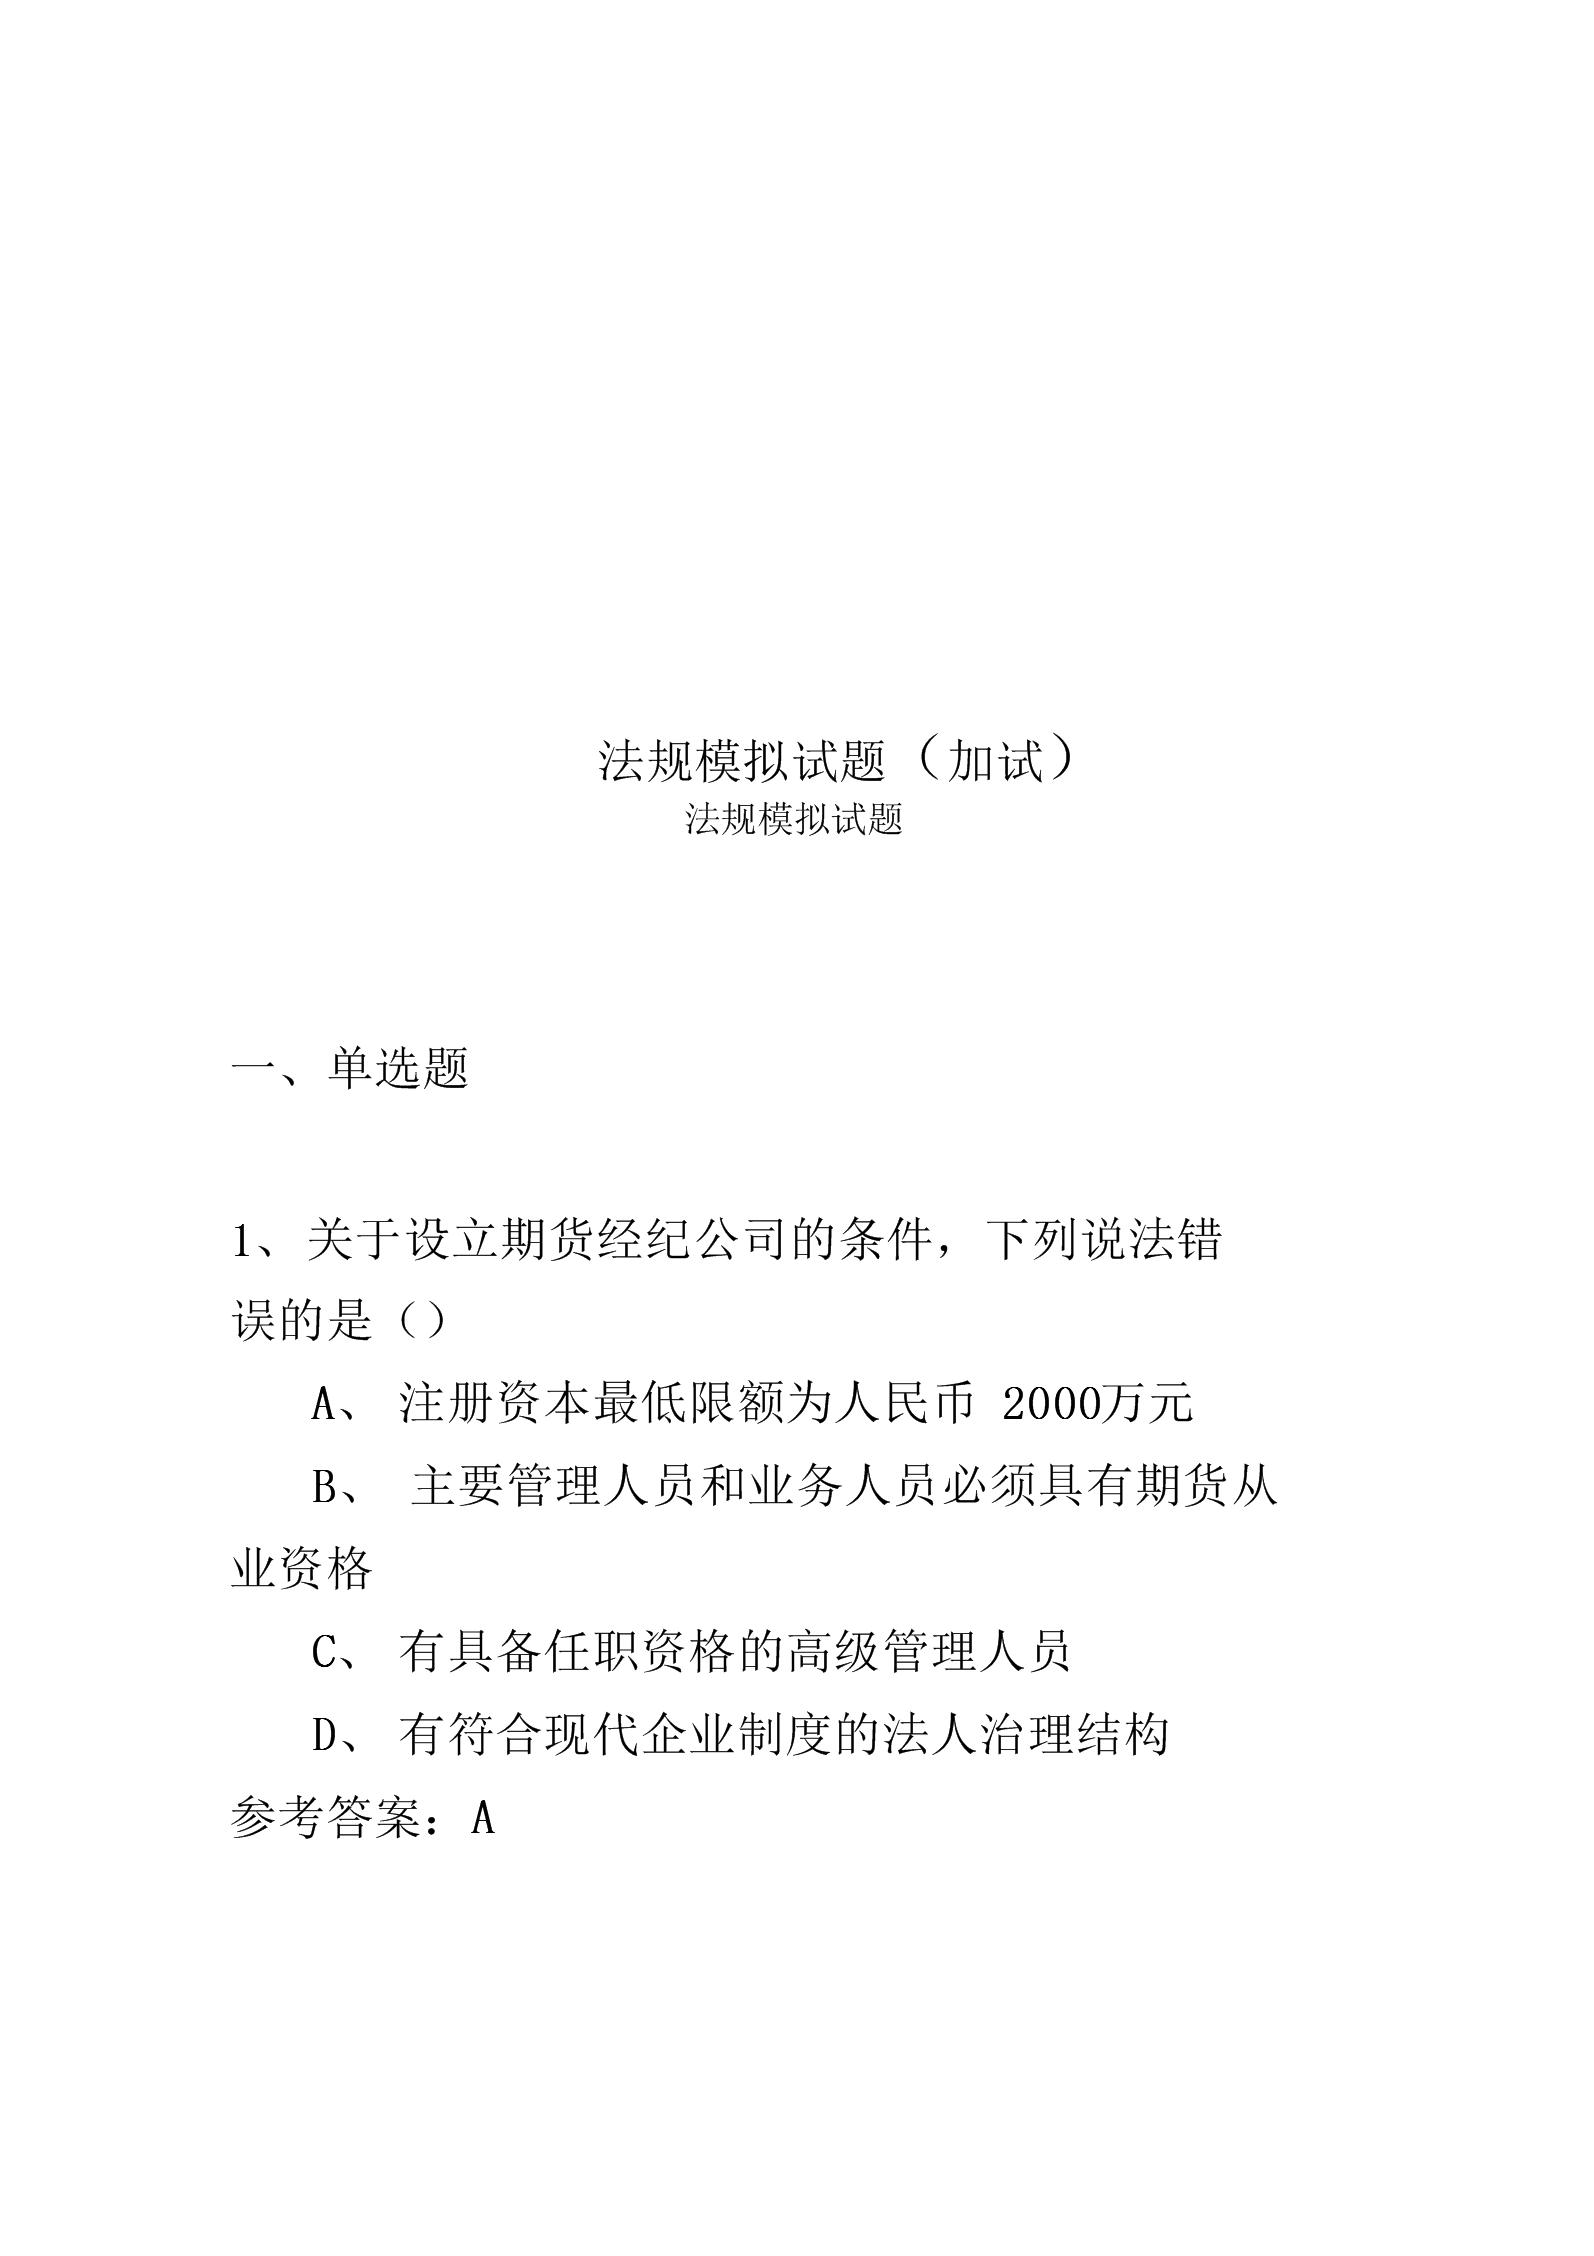 法规模拟试题(加试).docx